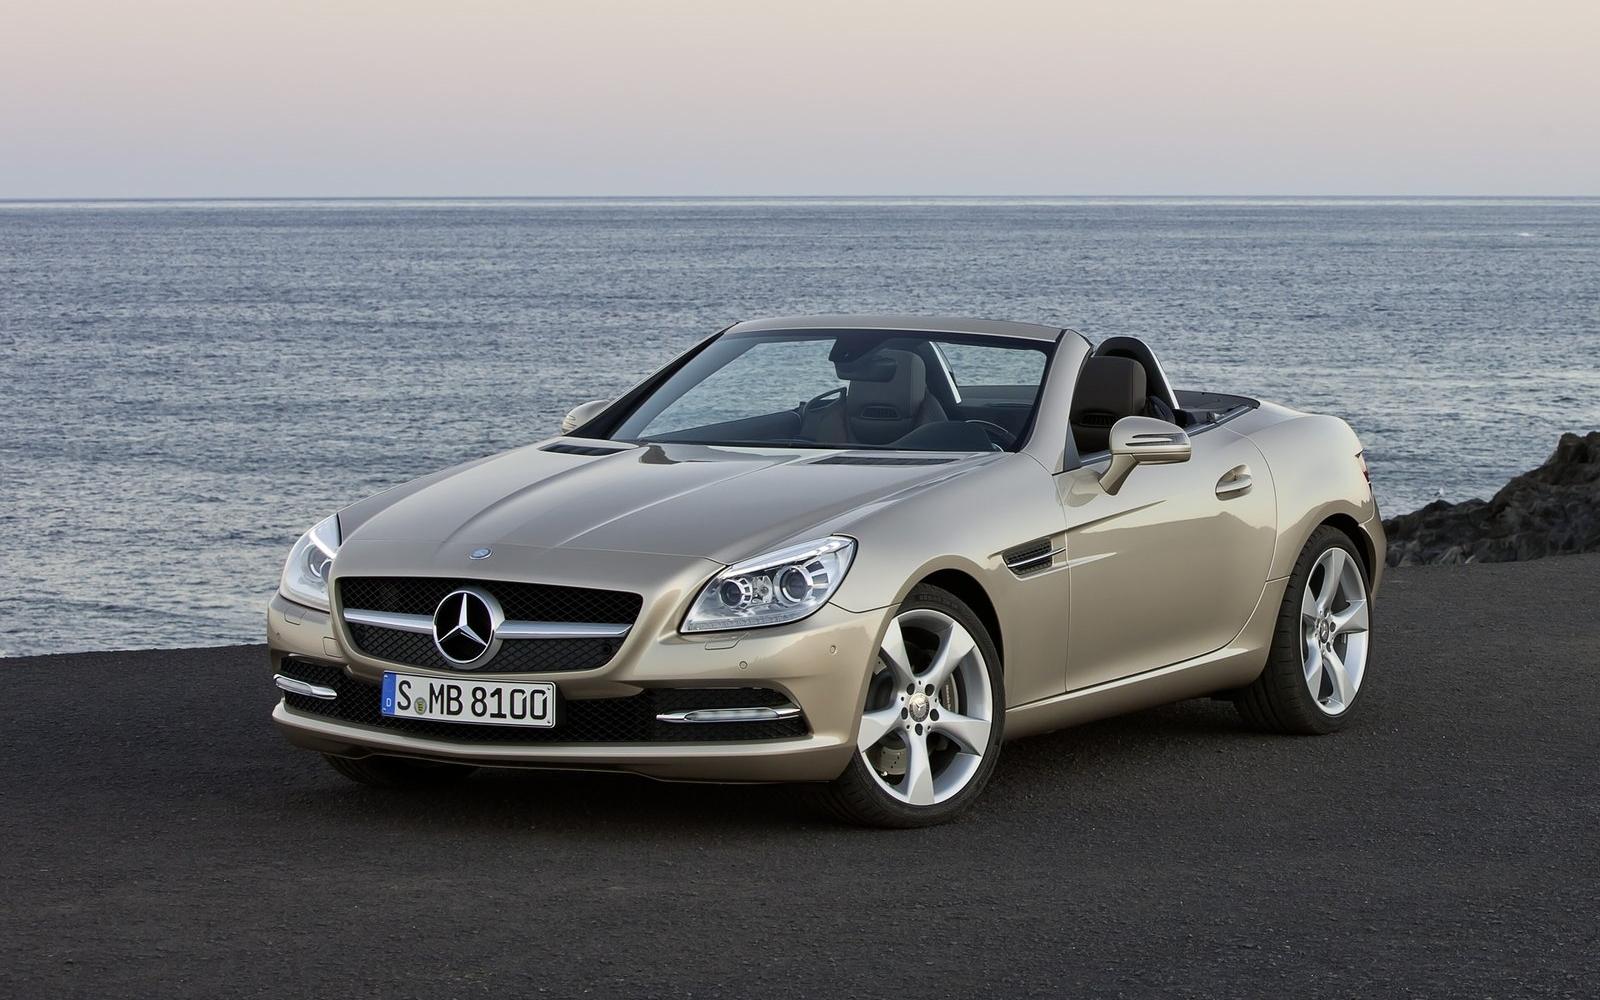 Mercedes benz anuncia recall para os modelos classe slk e for Mercedes benz recall